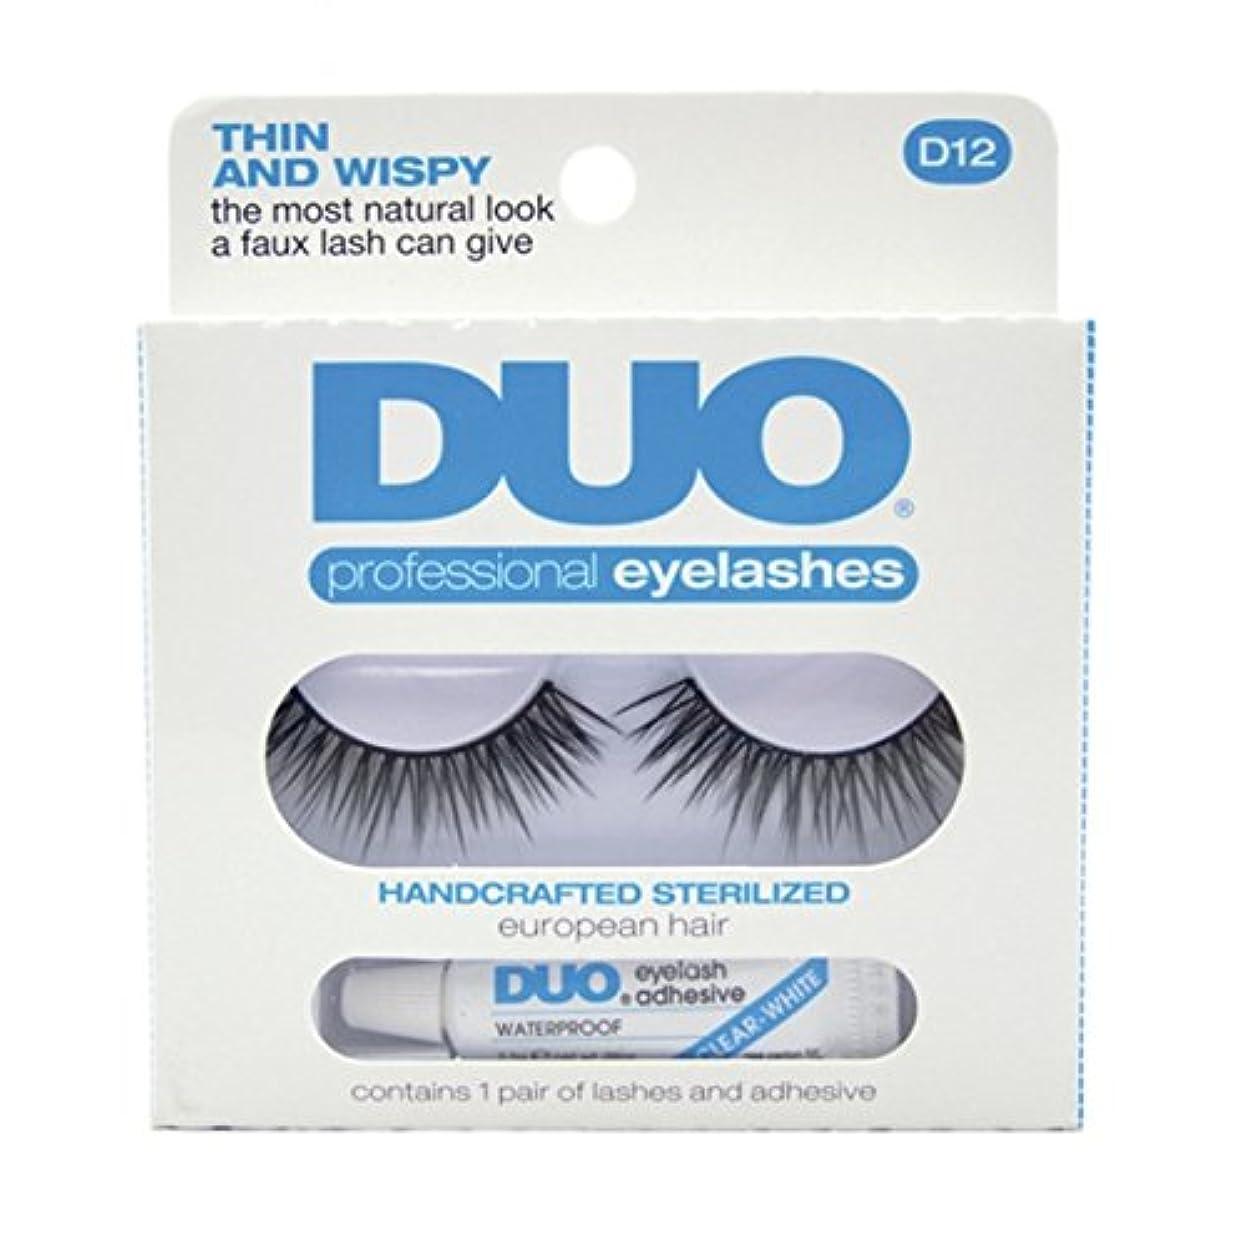 手のどせっかちDUO Eyelash Adhesive Think and Wispy D12 Eyelashes Thin and Wispy (並行輸入品)